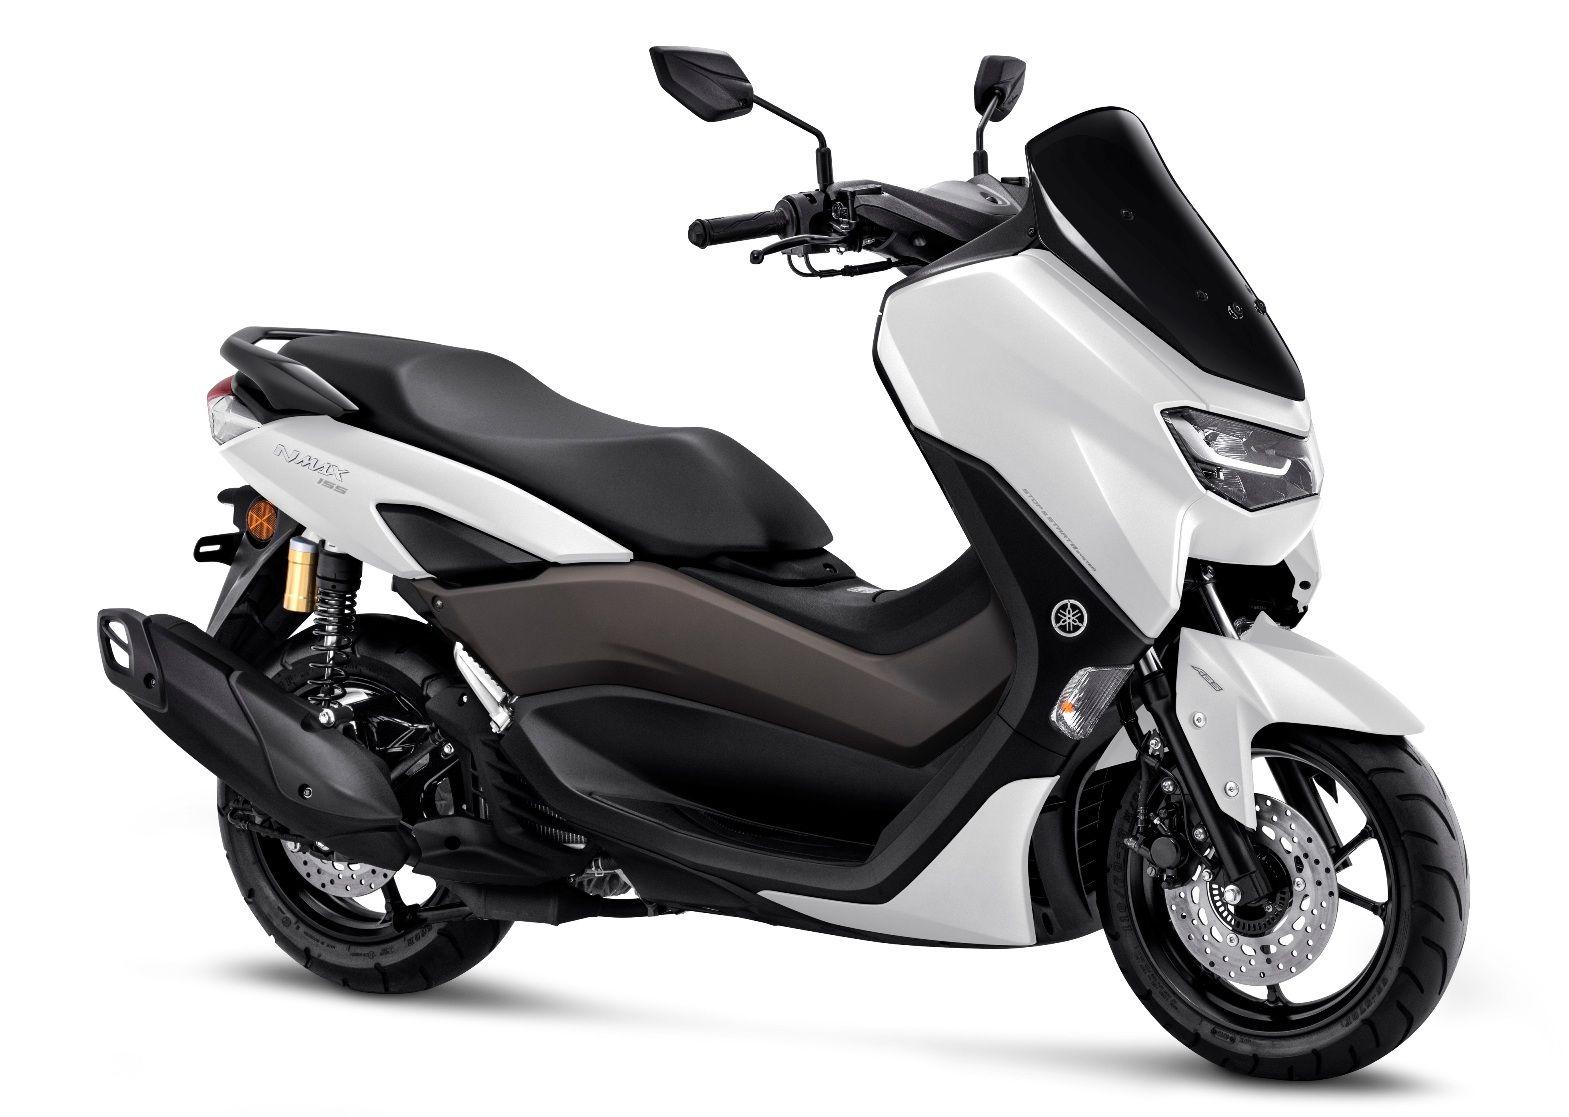 Fitur Dan Spesifikasi Lengkap Yamaha Nmax Terbaru 2020 Peluncur